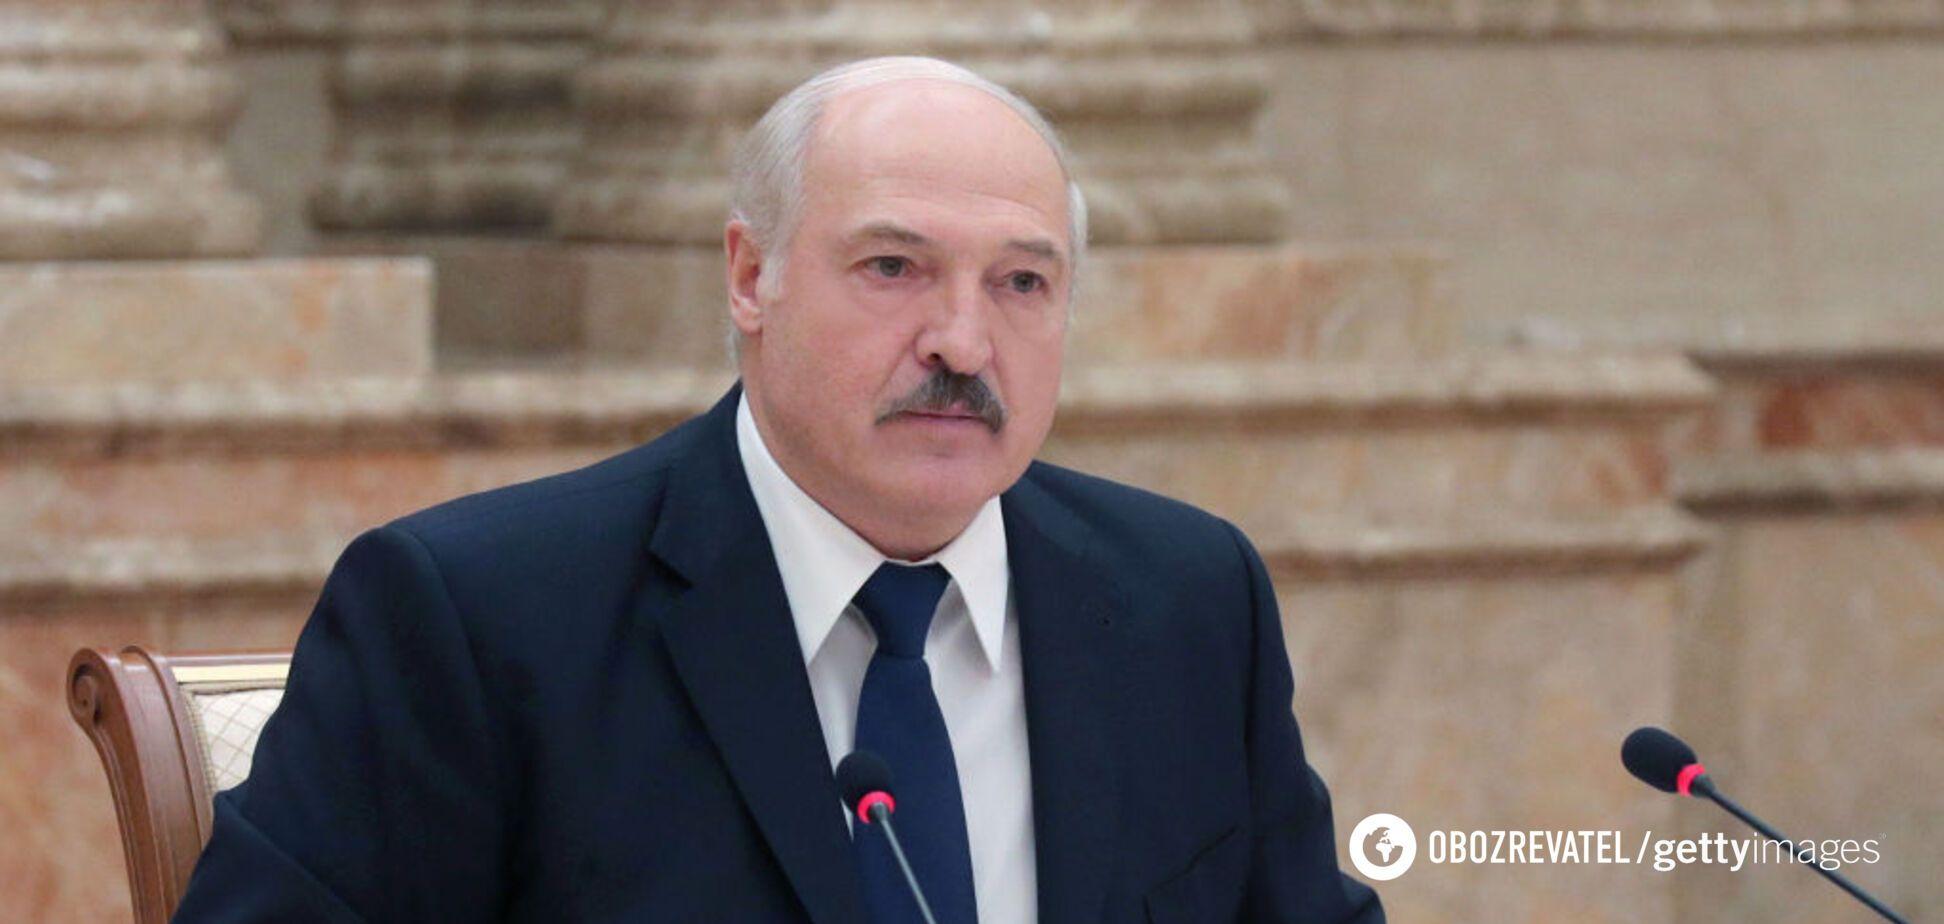 Лукашенко пригрозив розстрілами в разі захисту Білорусі